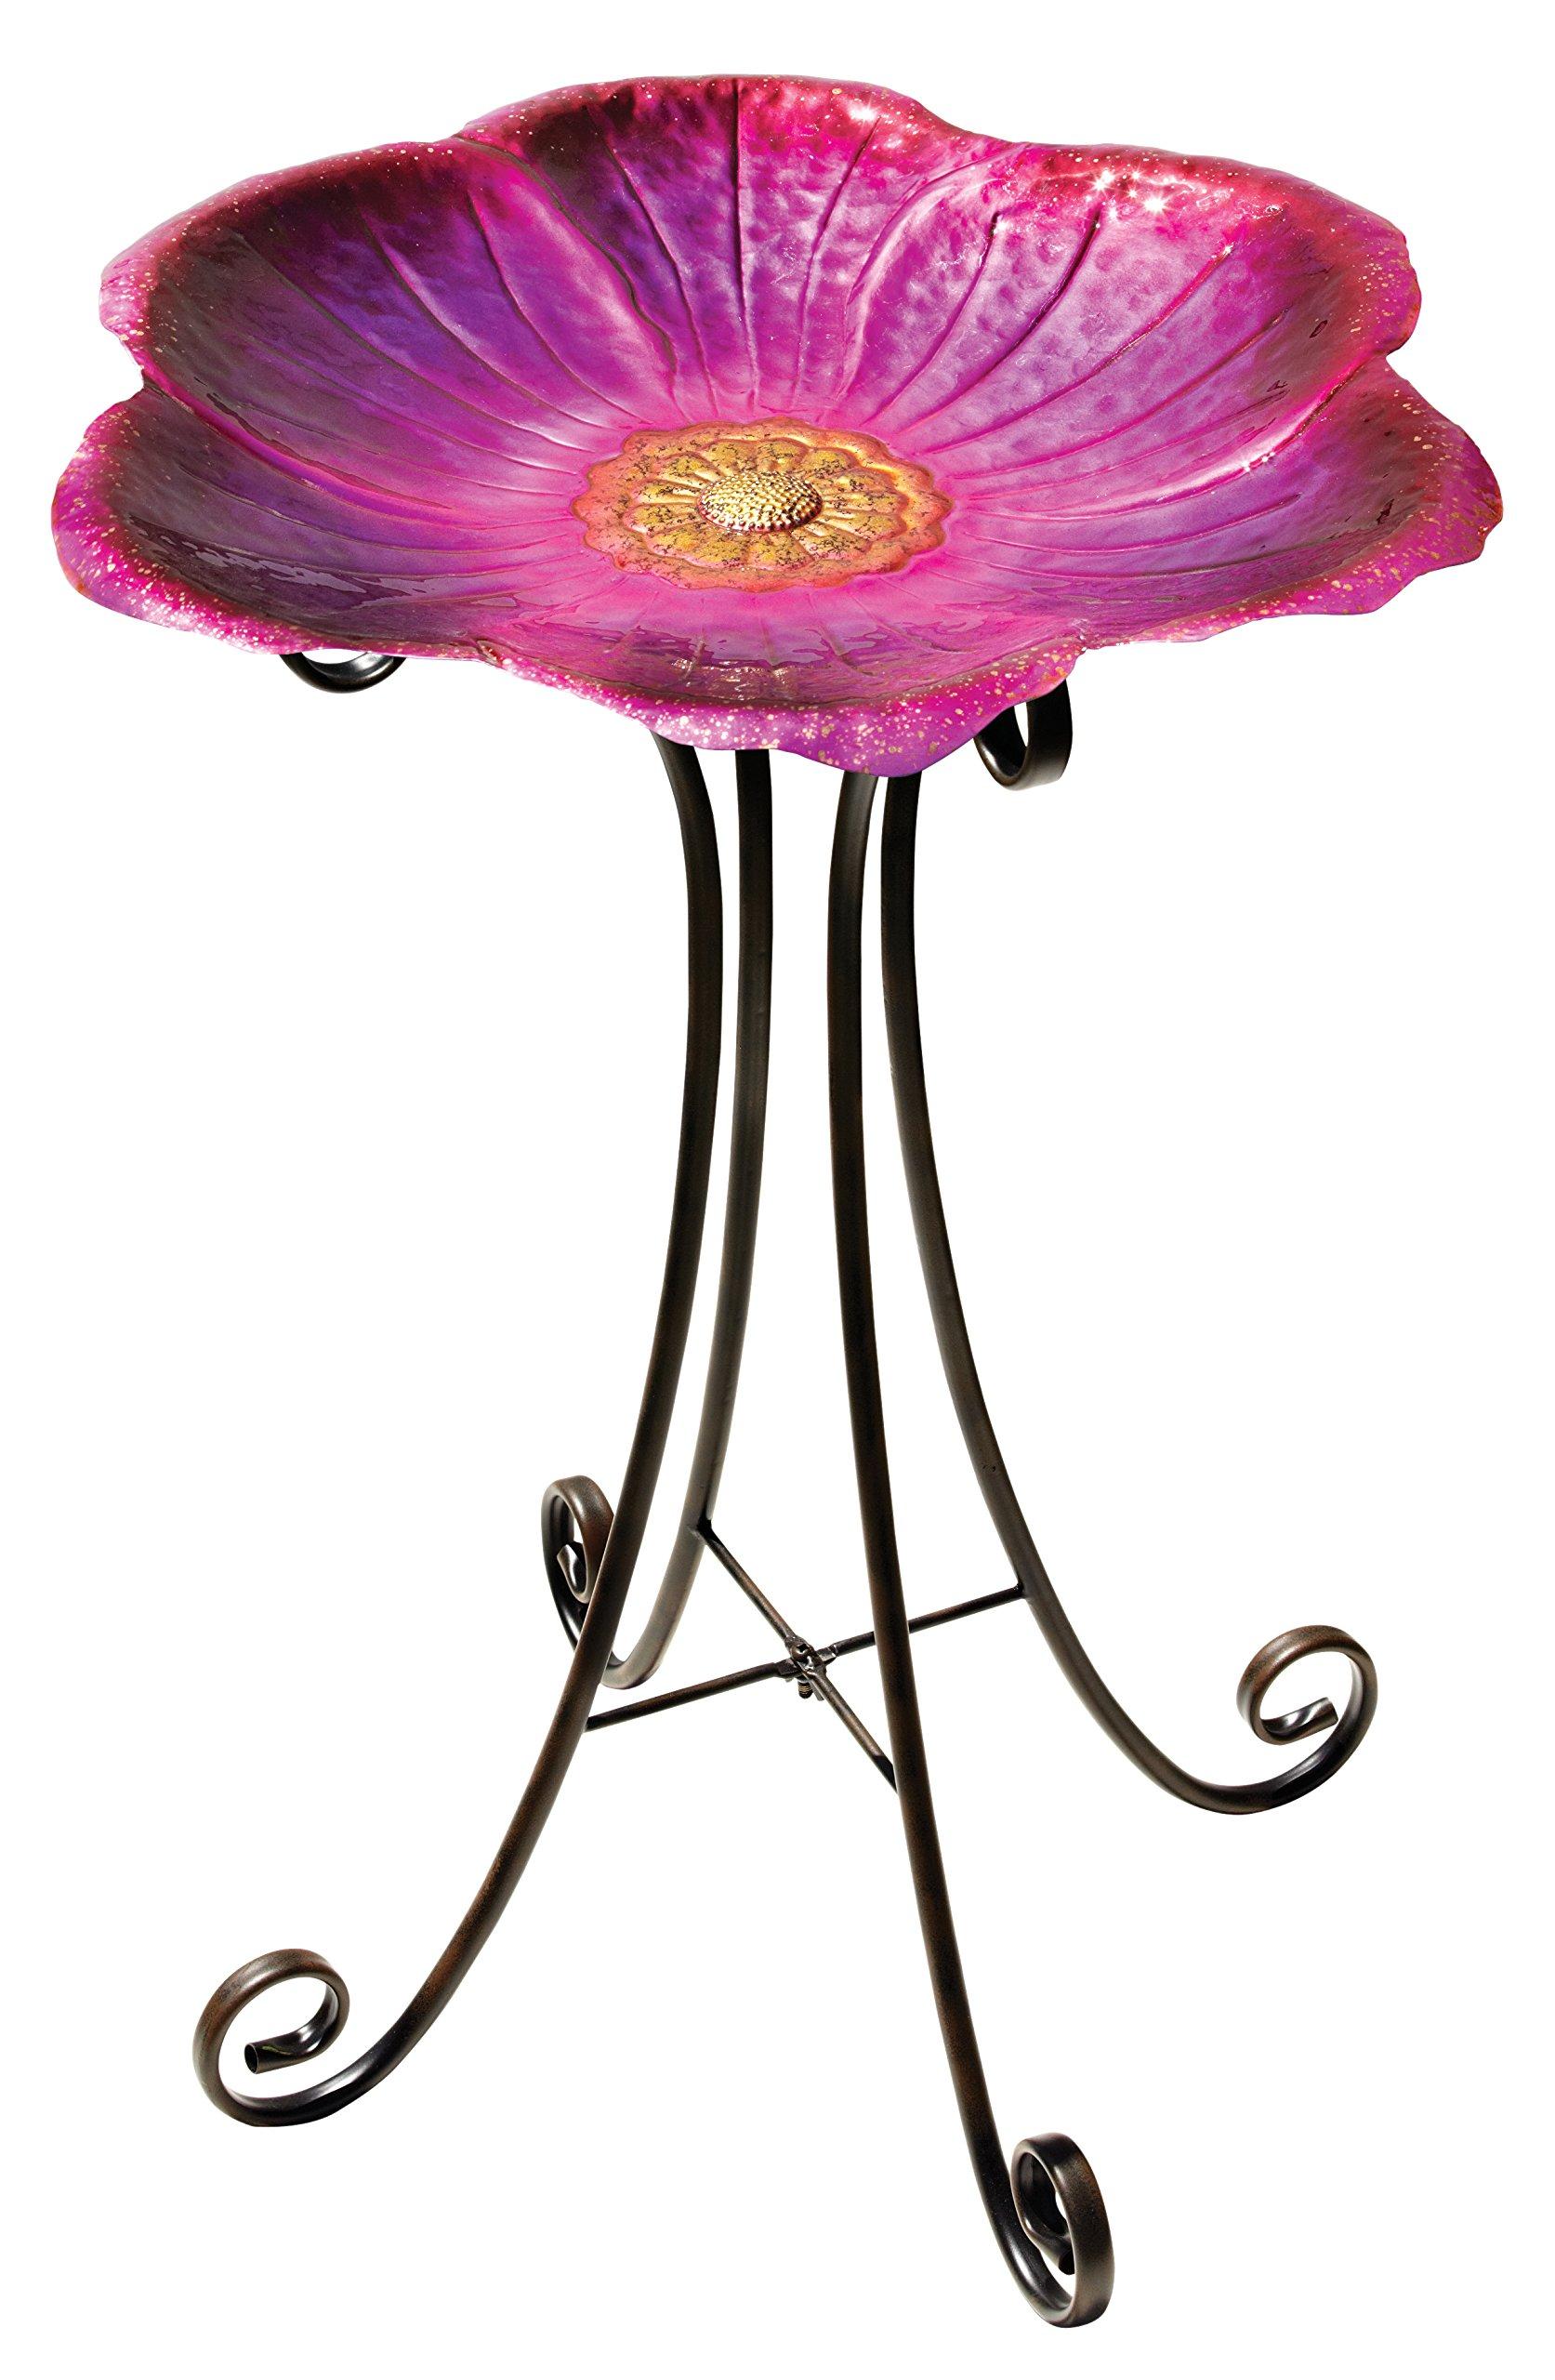 Regal Art & Gift 10268 Birdbath with Stand, Flower